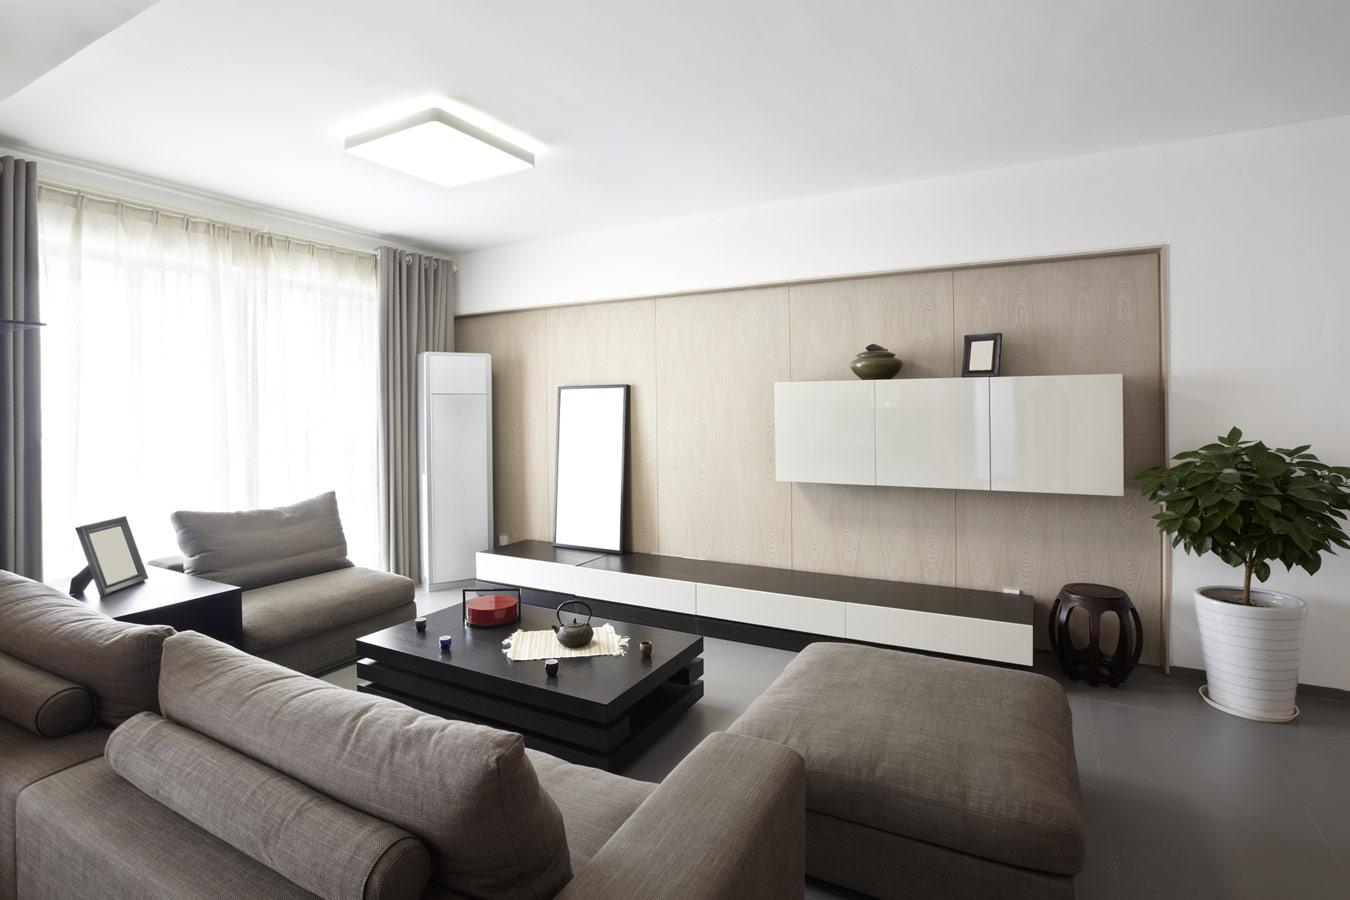 Woonkamer inrichten tips idee n inspiratie for Interieur slaapkamer voorbeelden